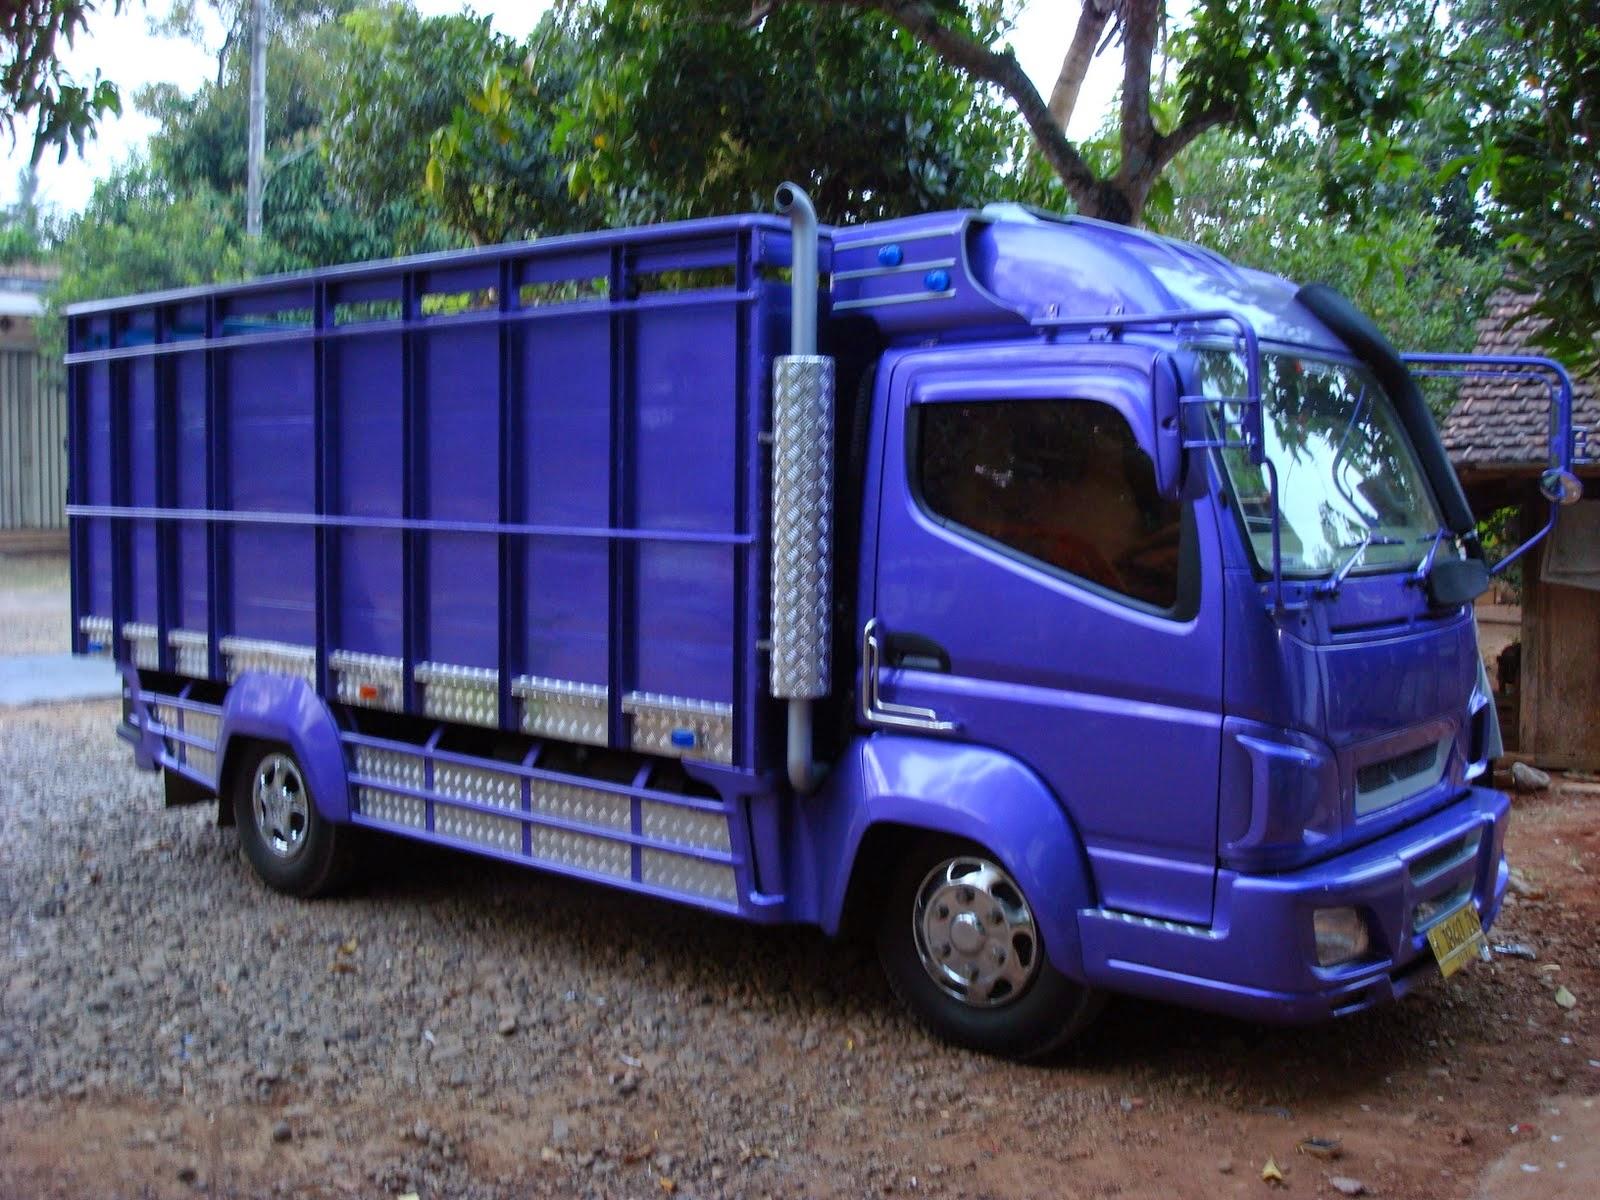 Indonesia mobil dijadikan tempat ngentot - 1 part 10